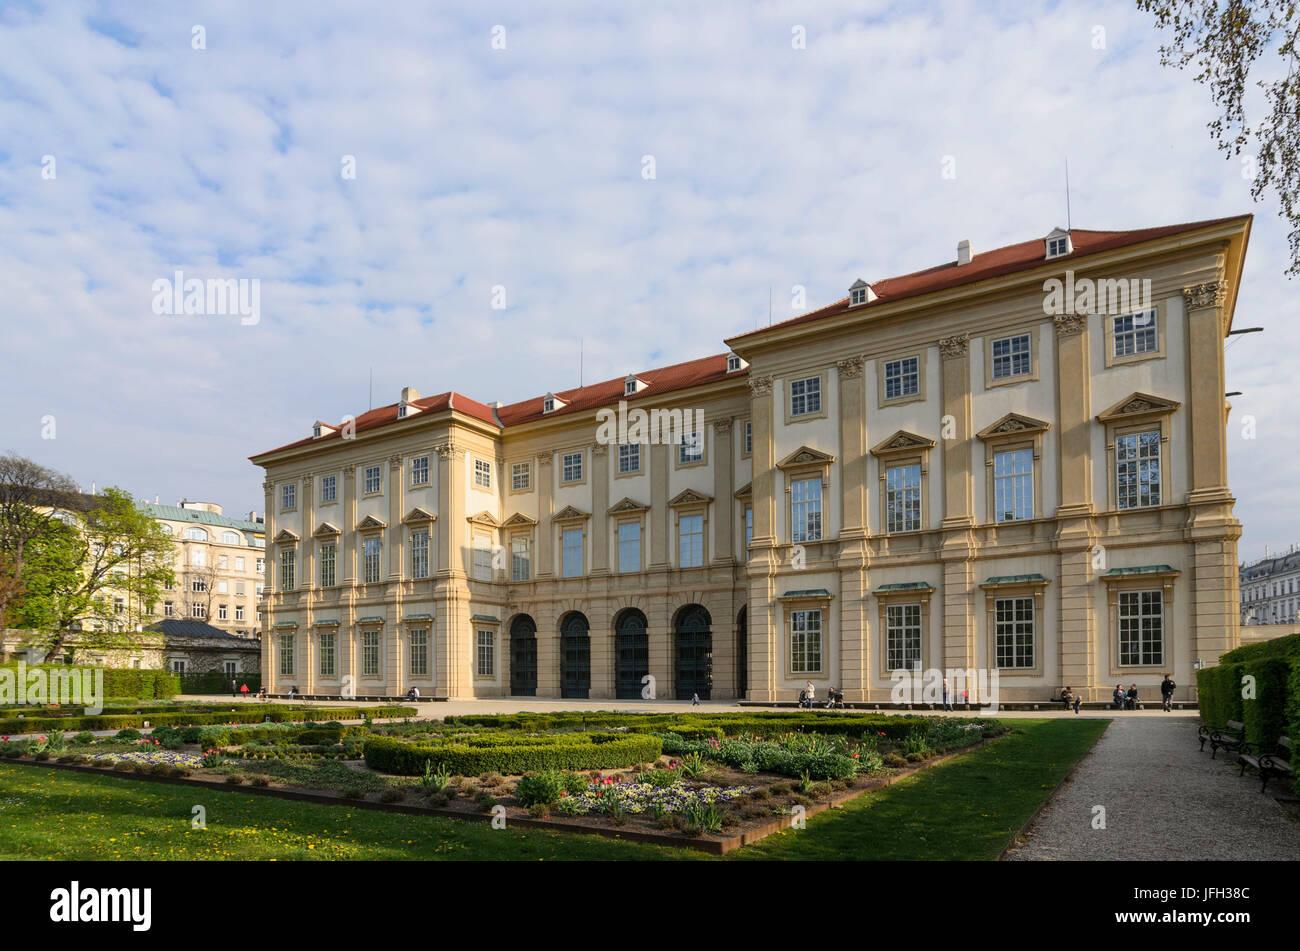 Palace of Liechtenstein (garden palace), Austria, Vienna, 09., Vienna - Stock Image